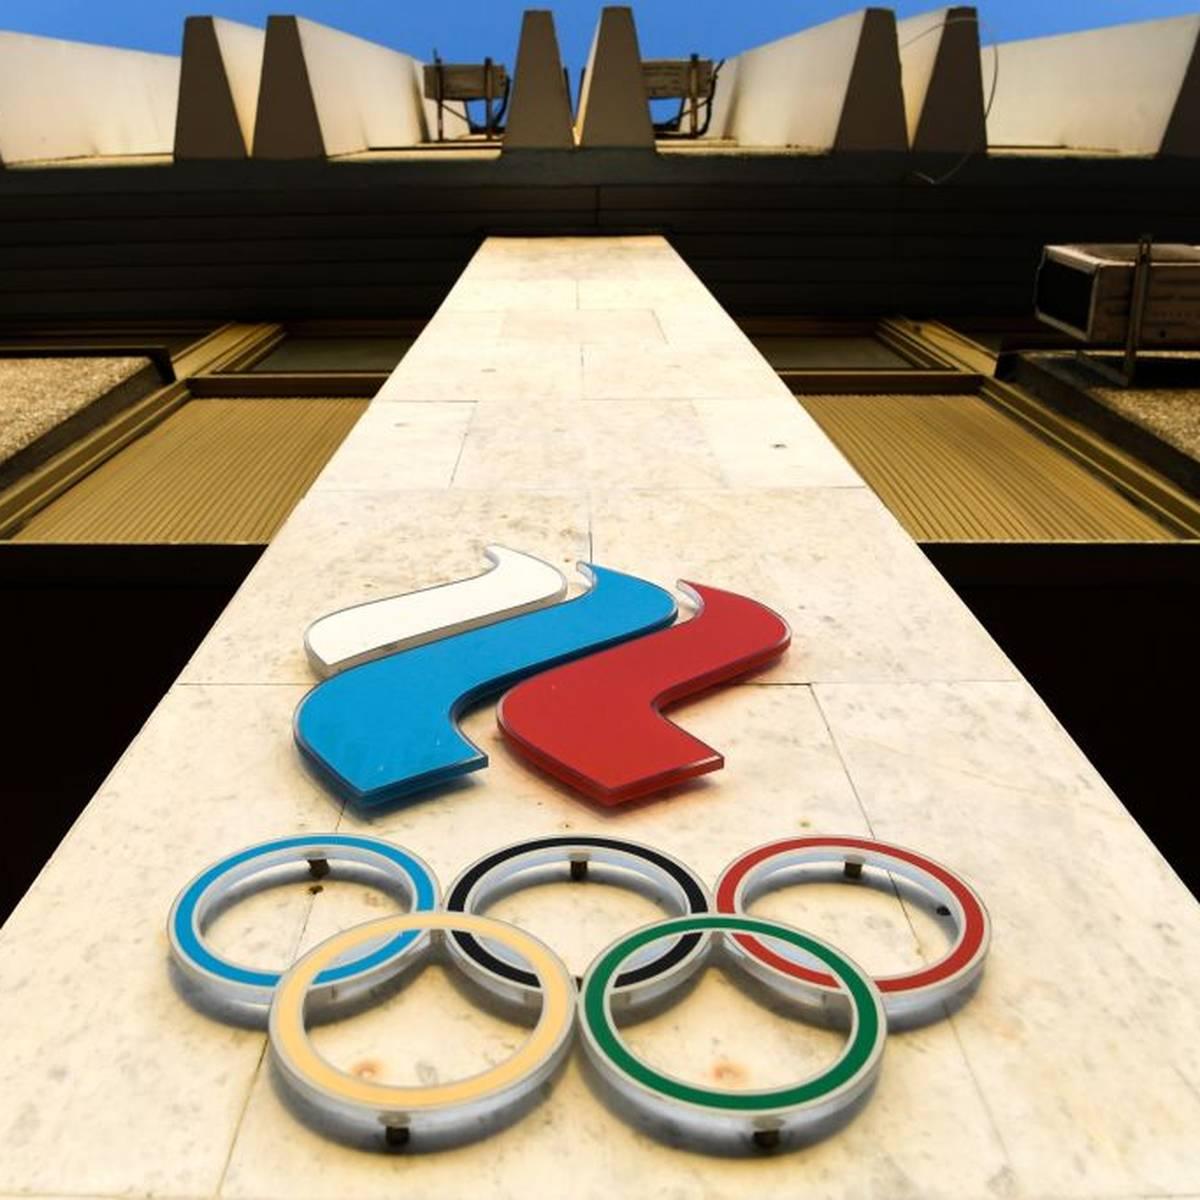 Kein russischer Olympia-Boykott?